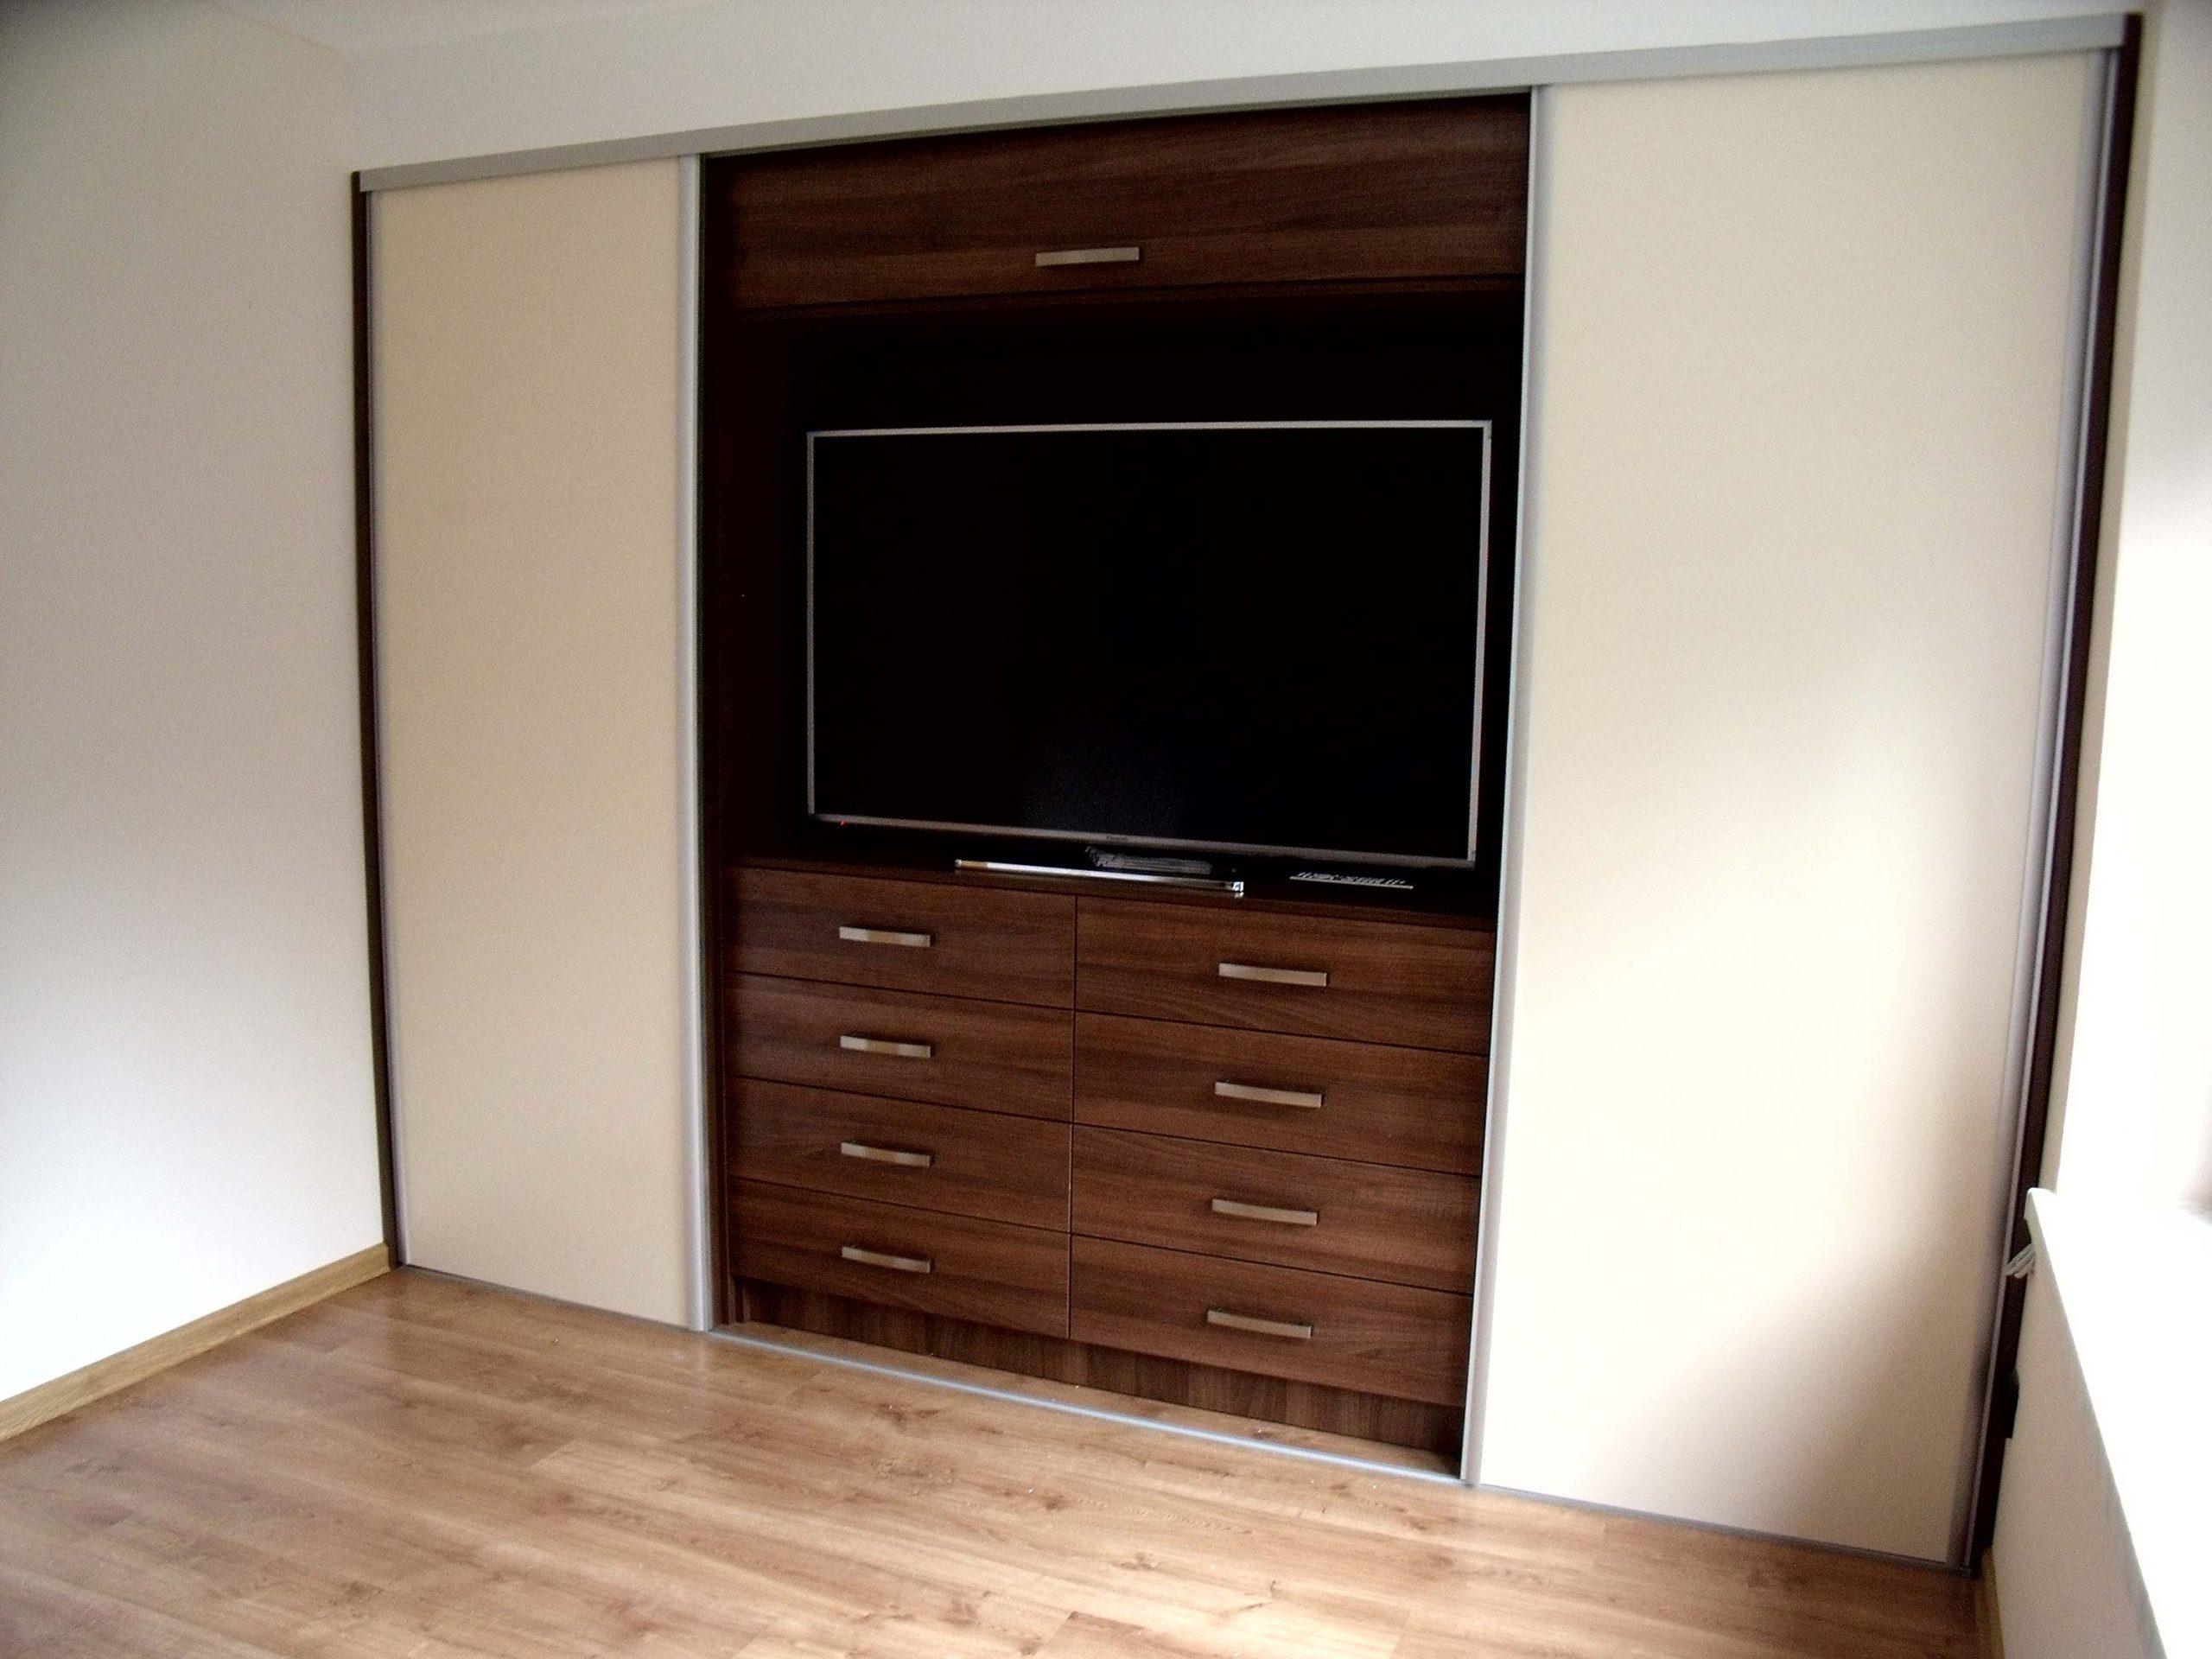 Vstavaná skriňa s televíziou